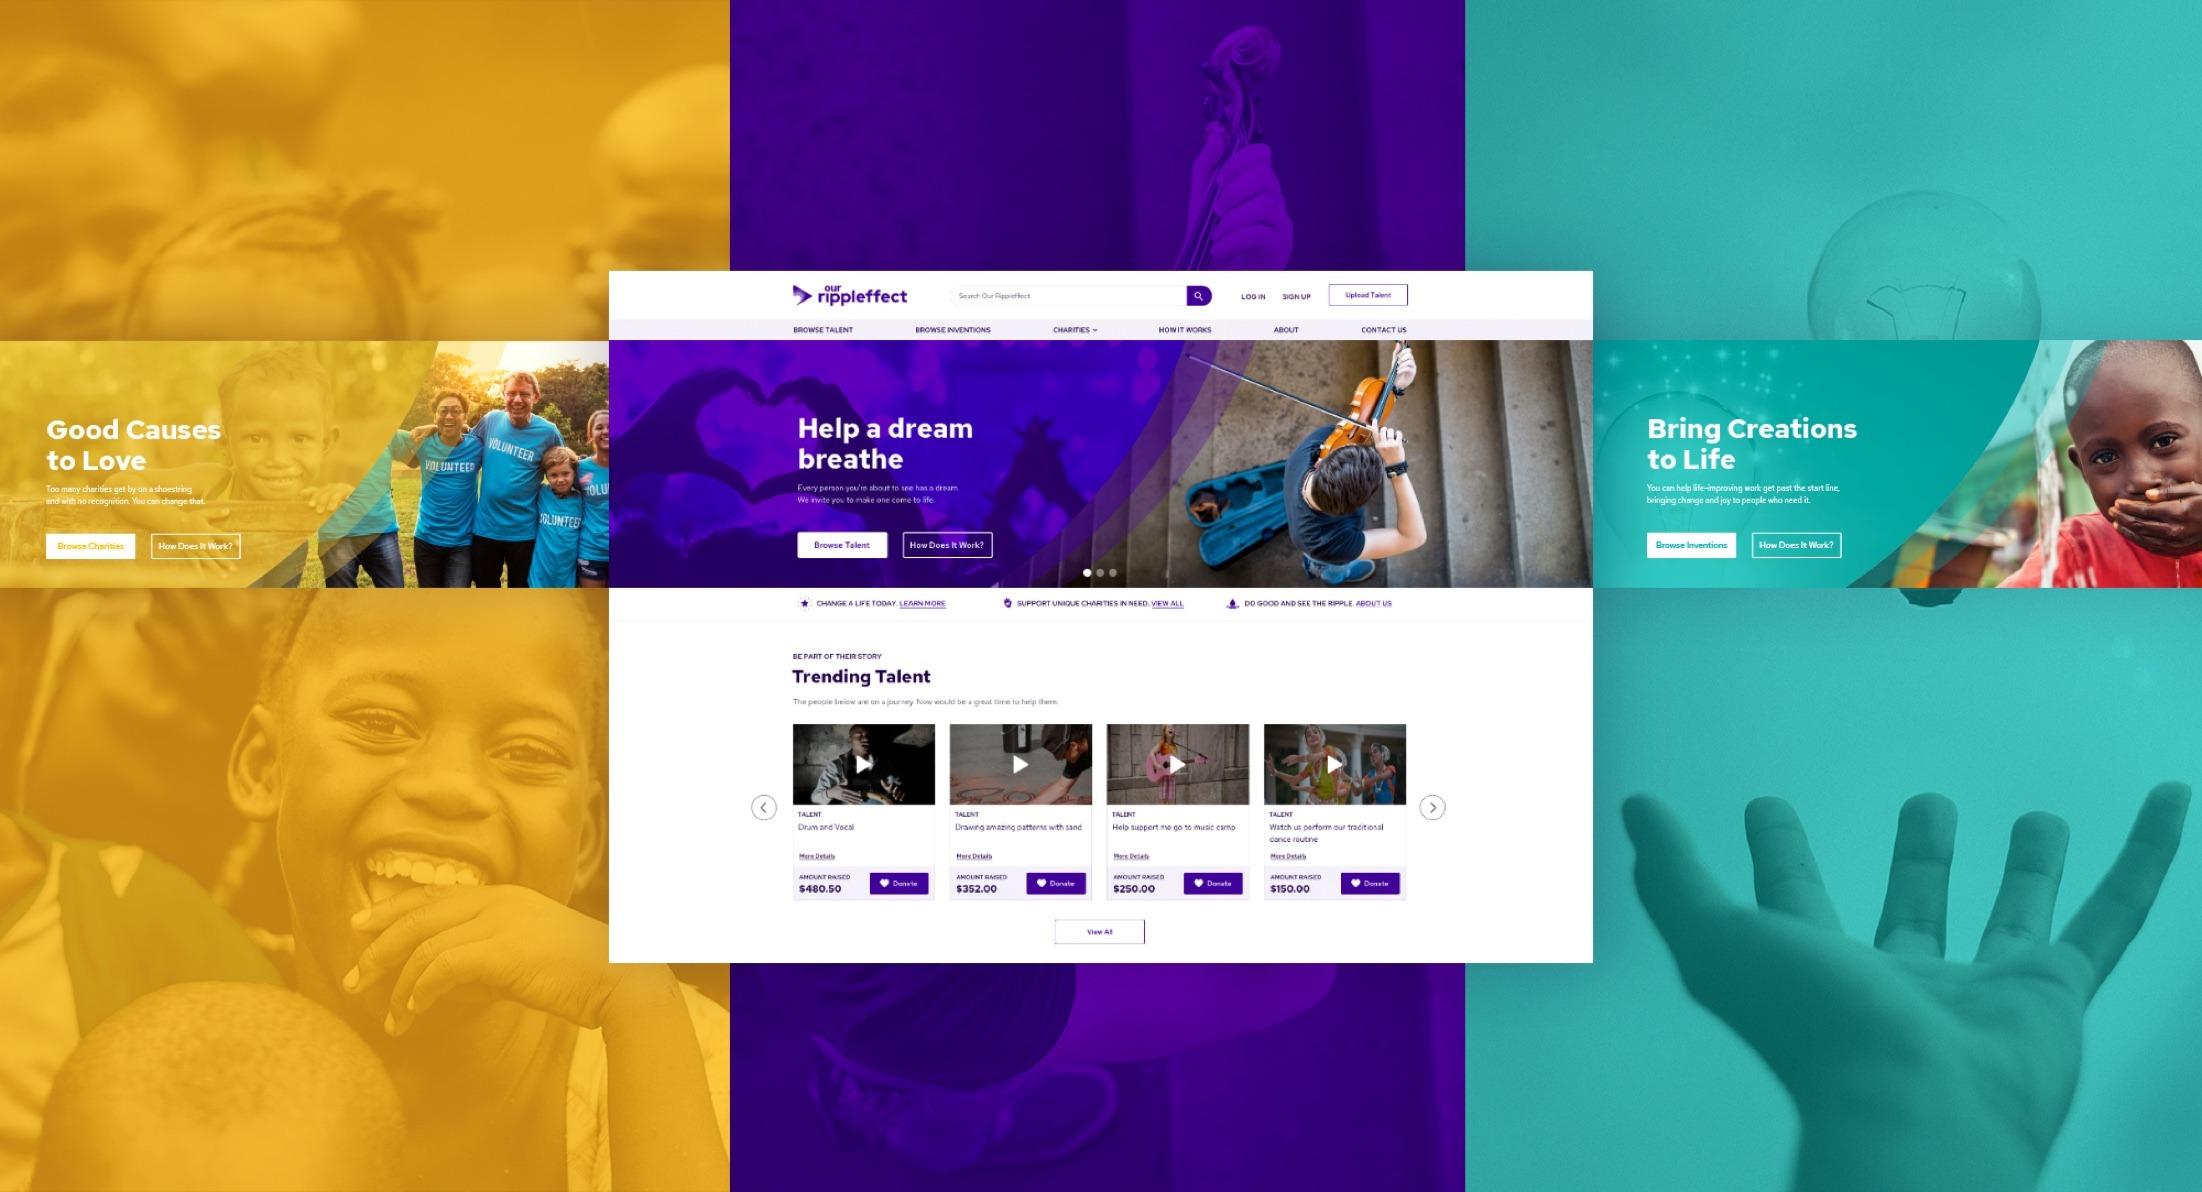 Website Development- Our Rippleffect